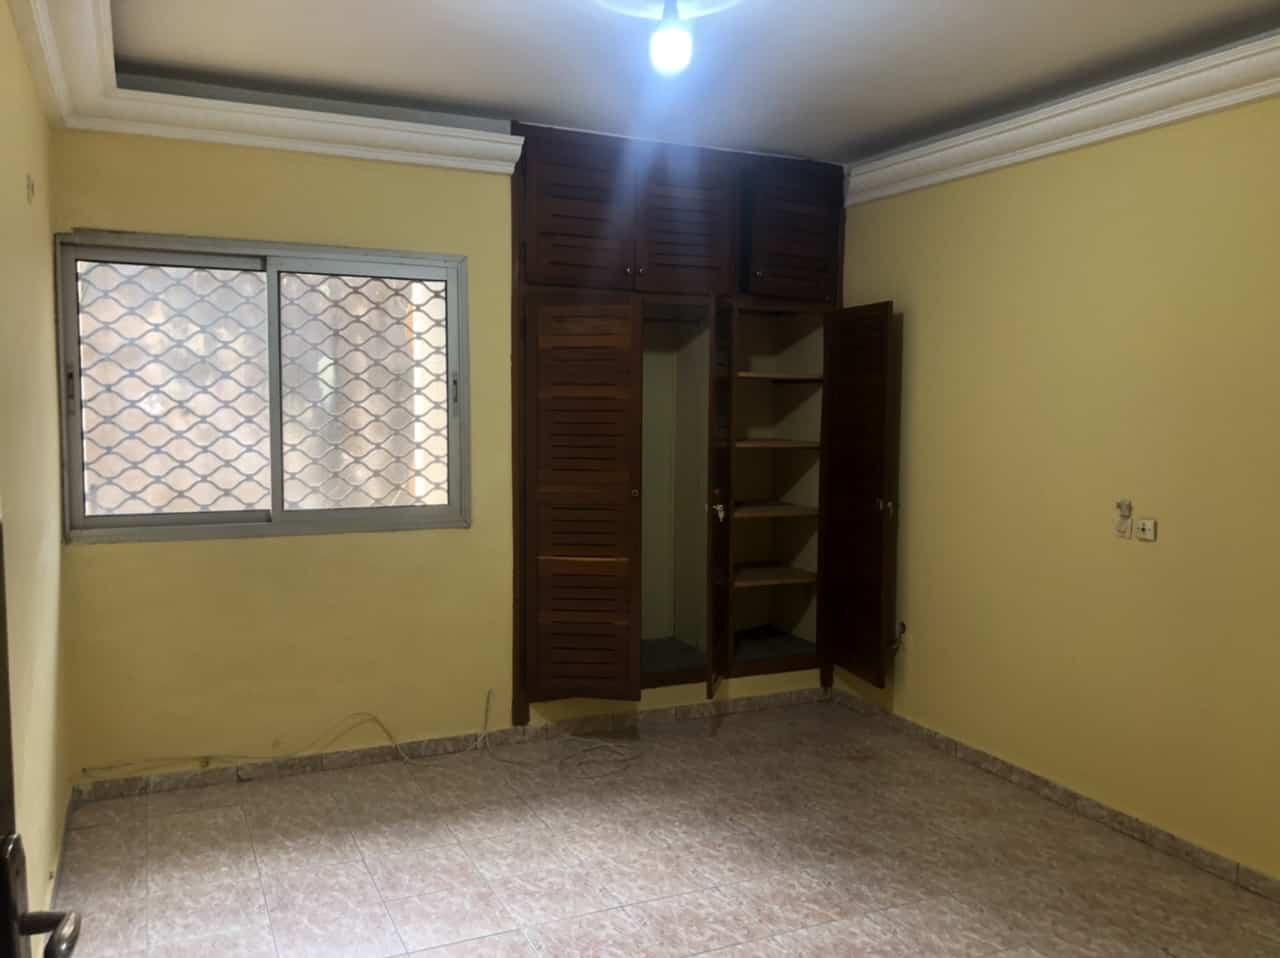 Apartment to rent - Yaoundé, Bastos, Carrefour Bastos - 1 living room(s), 3 bedroom(s), 3 bathroom(s) - 400 000 FCFA / month